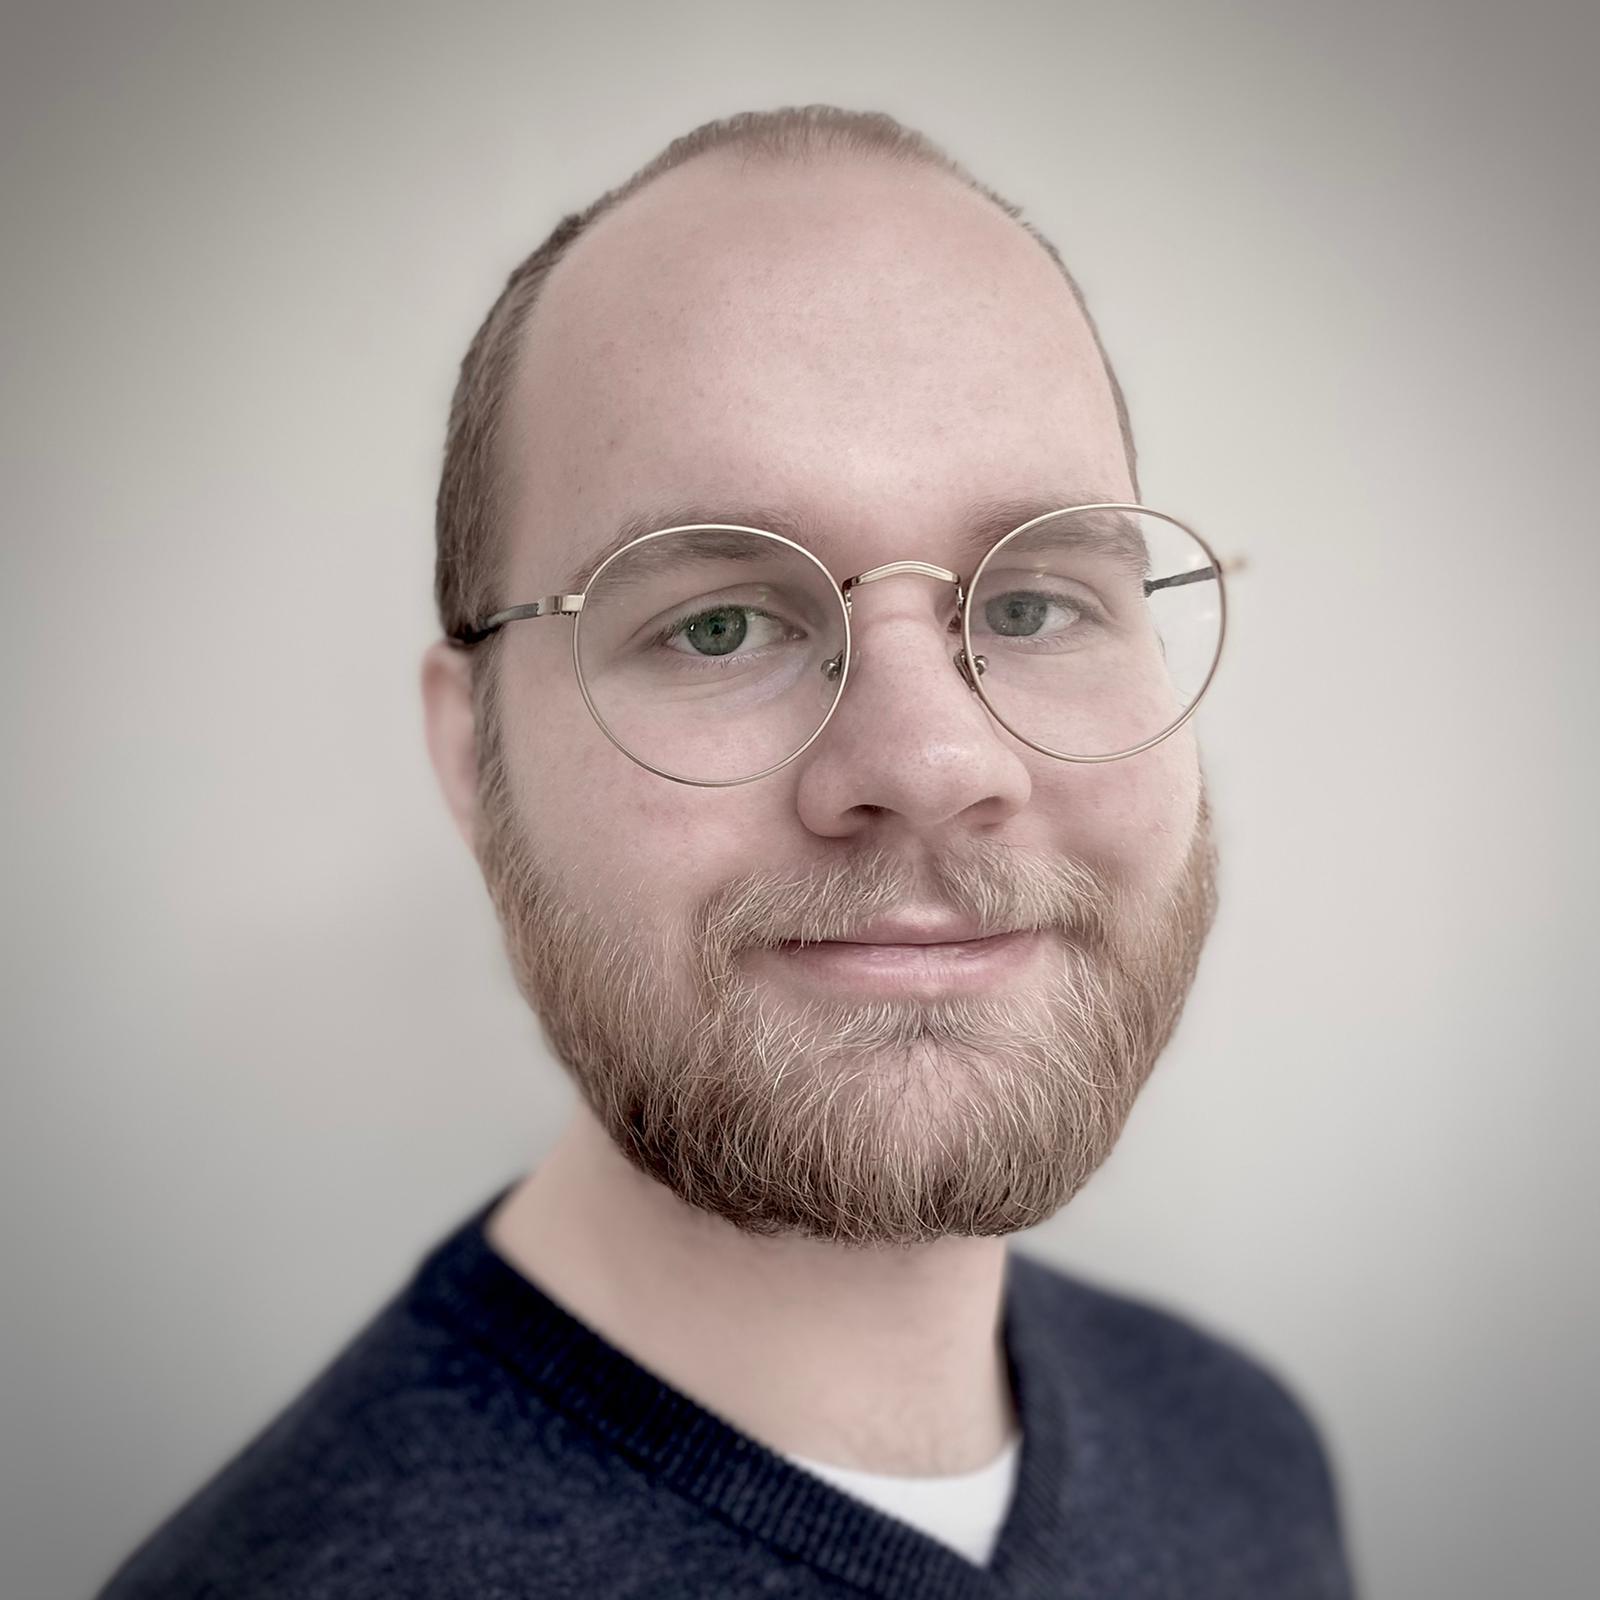 ID techex Thomas Lynch